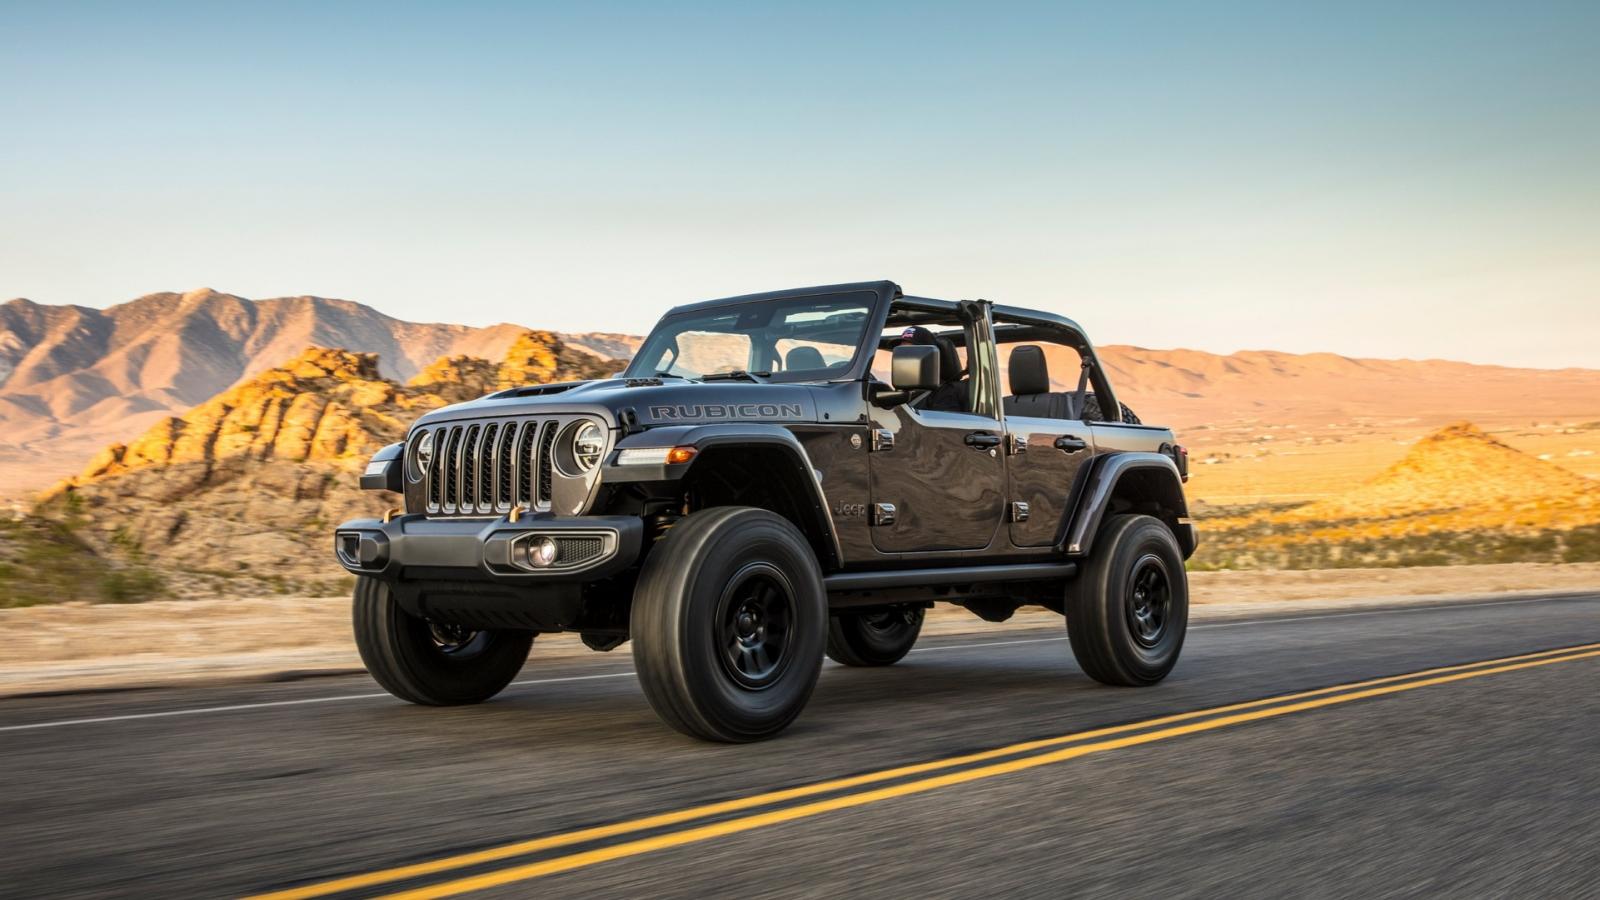 Jeep công bố biến thể Wrangler 392 sử dụng động cơ V8